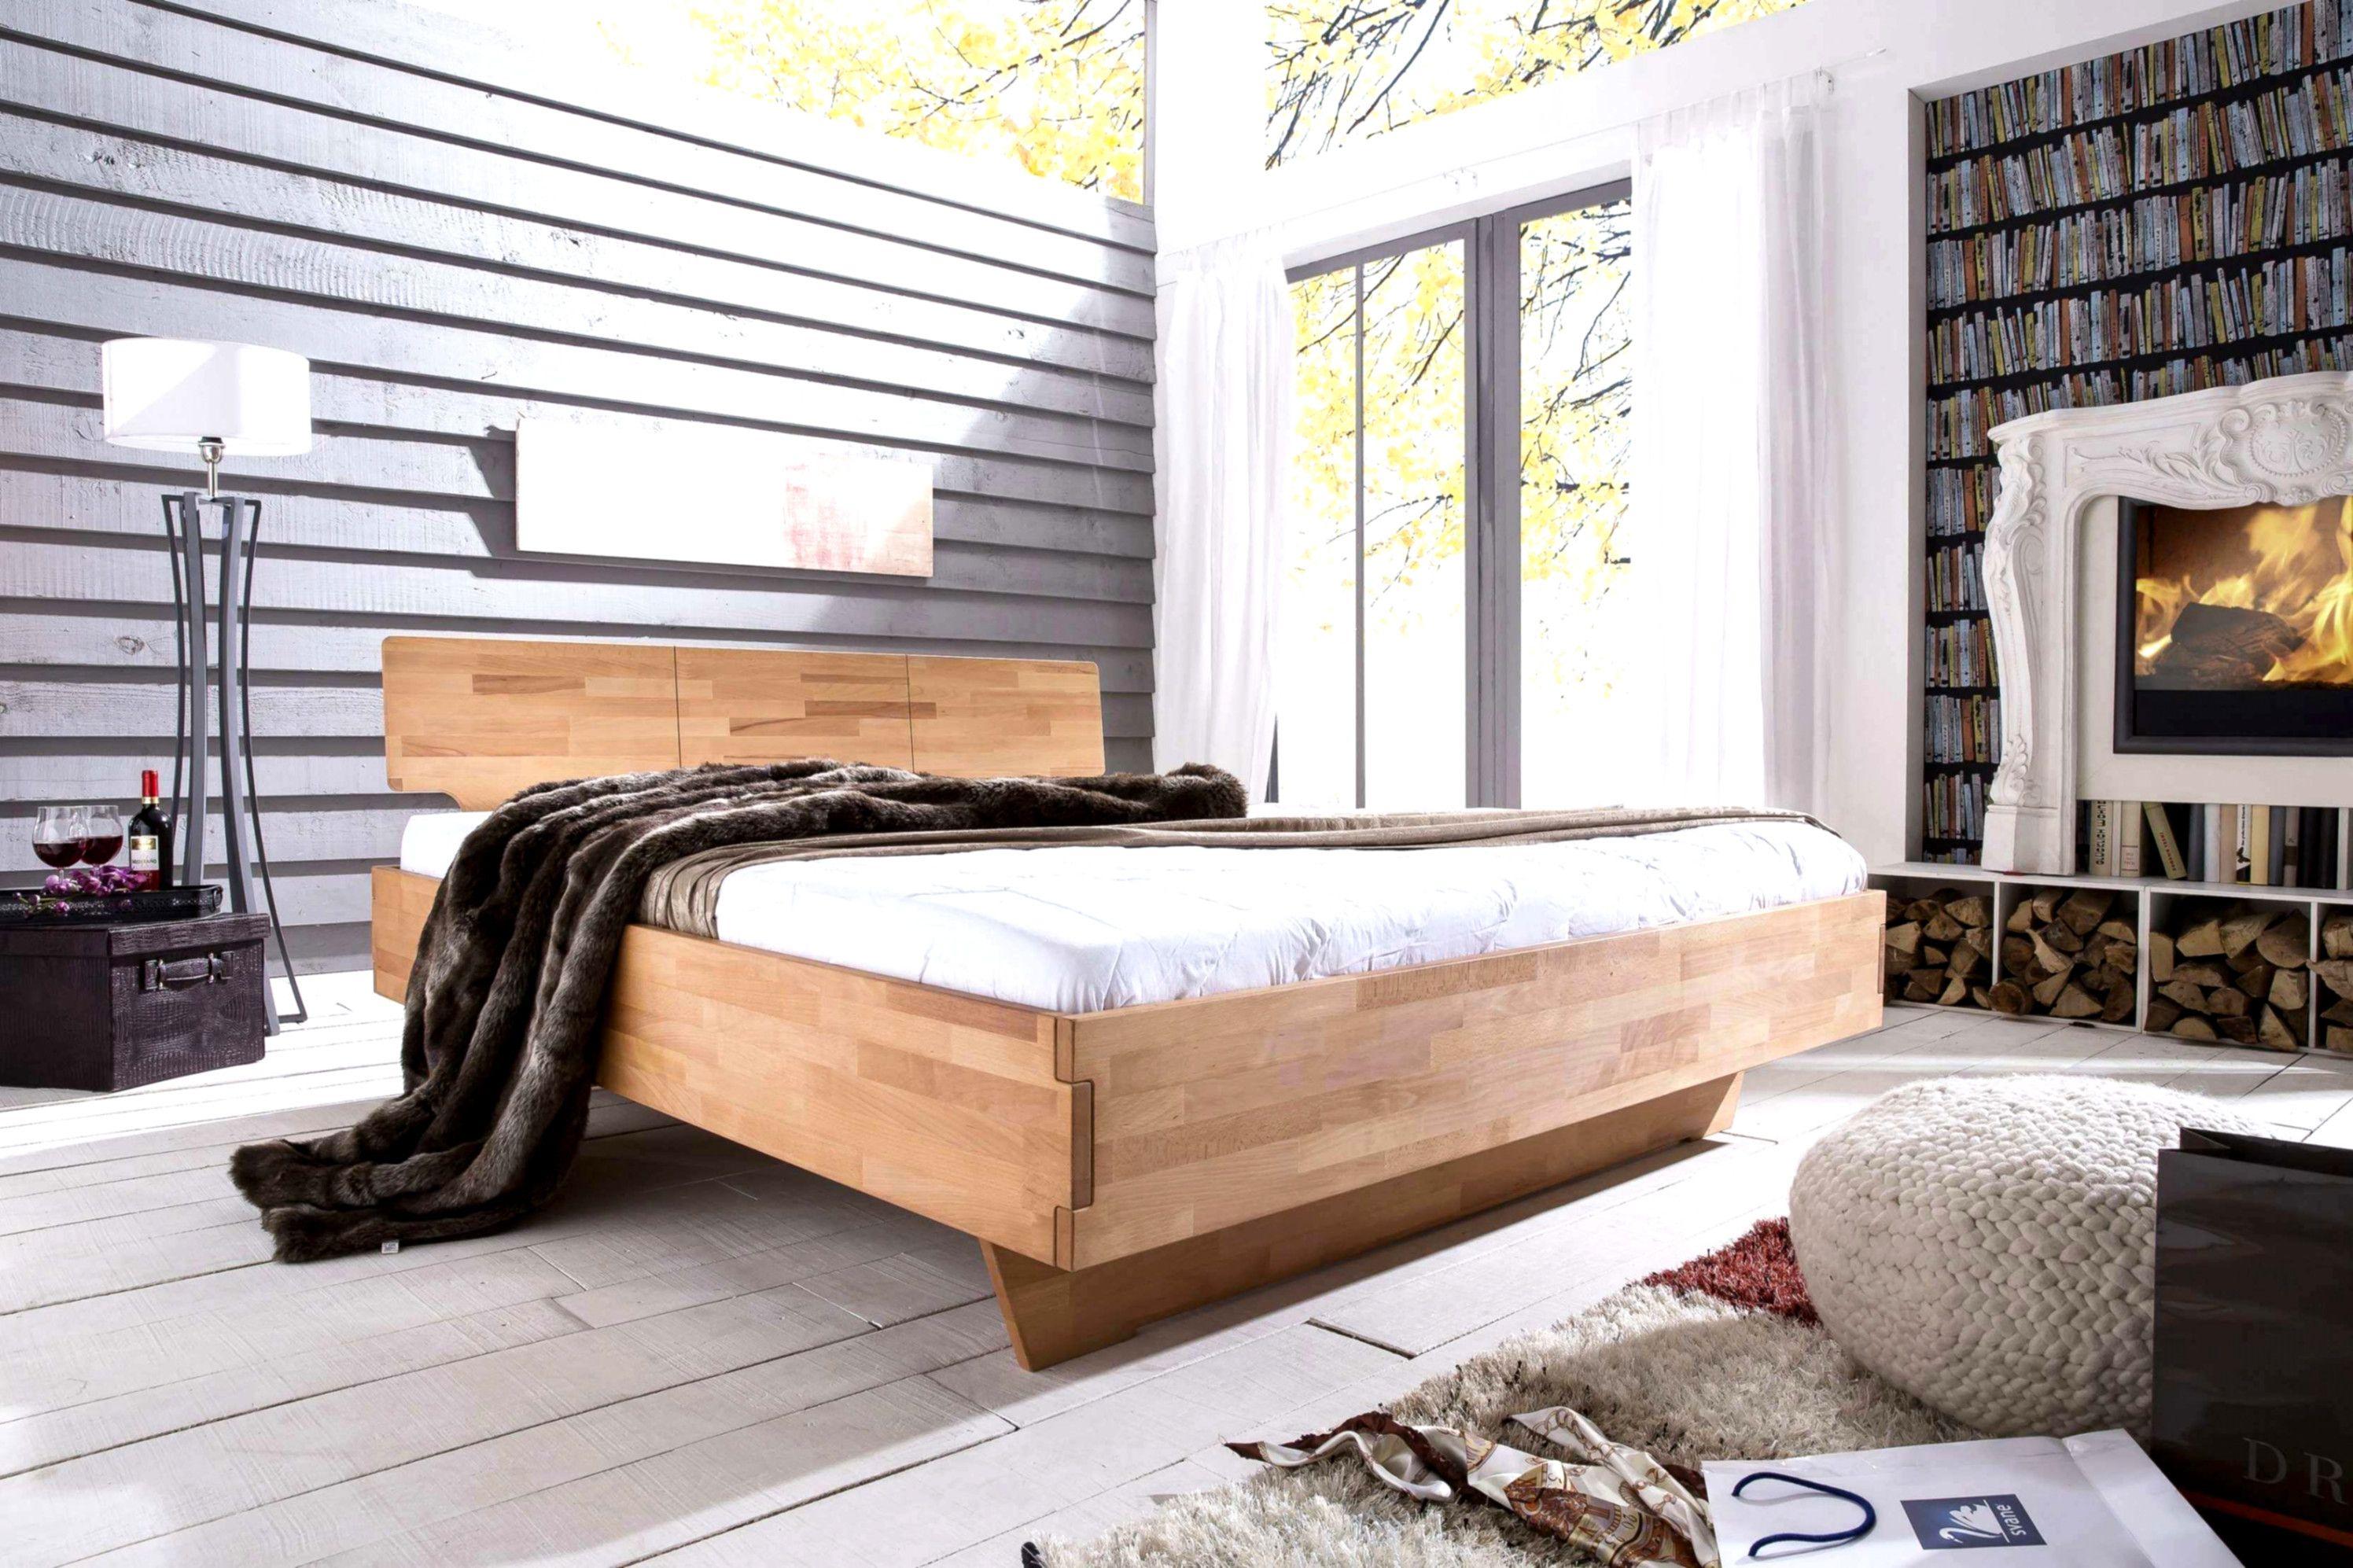 65 Frohlich Bett 140x200 Weiss Mit Lattenrost Und Matratze Gunstig